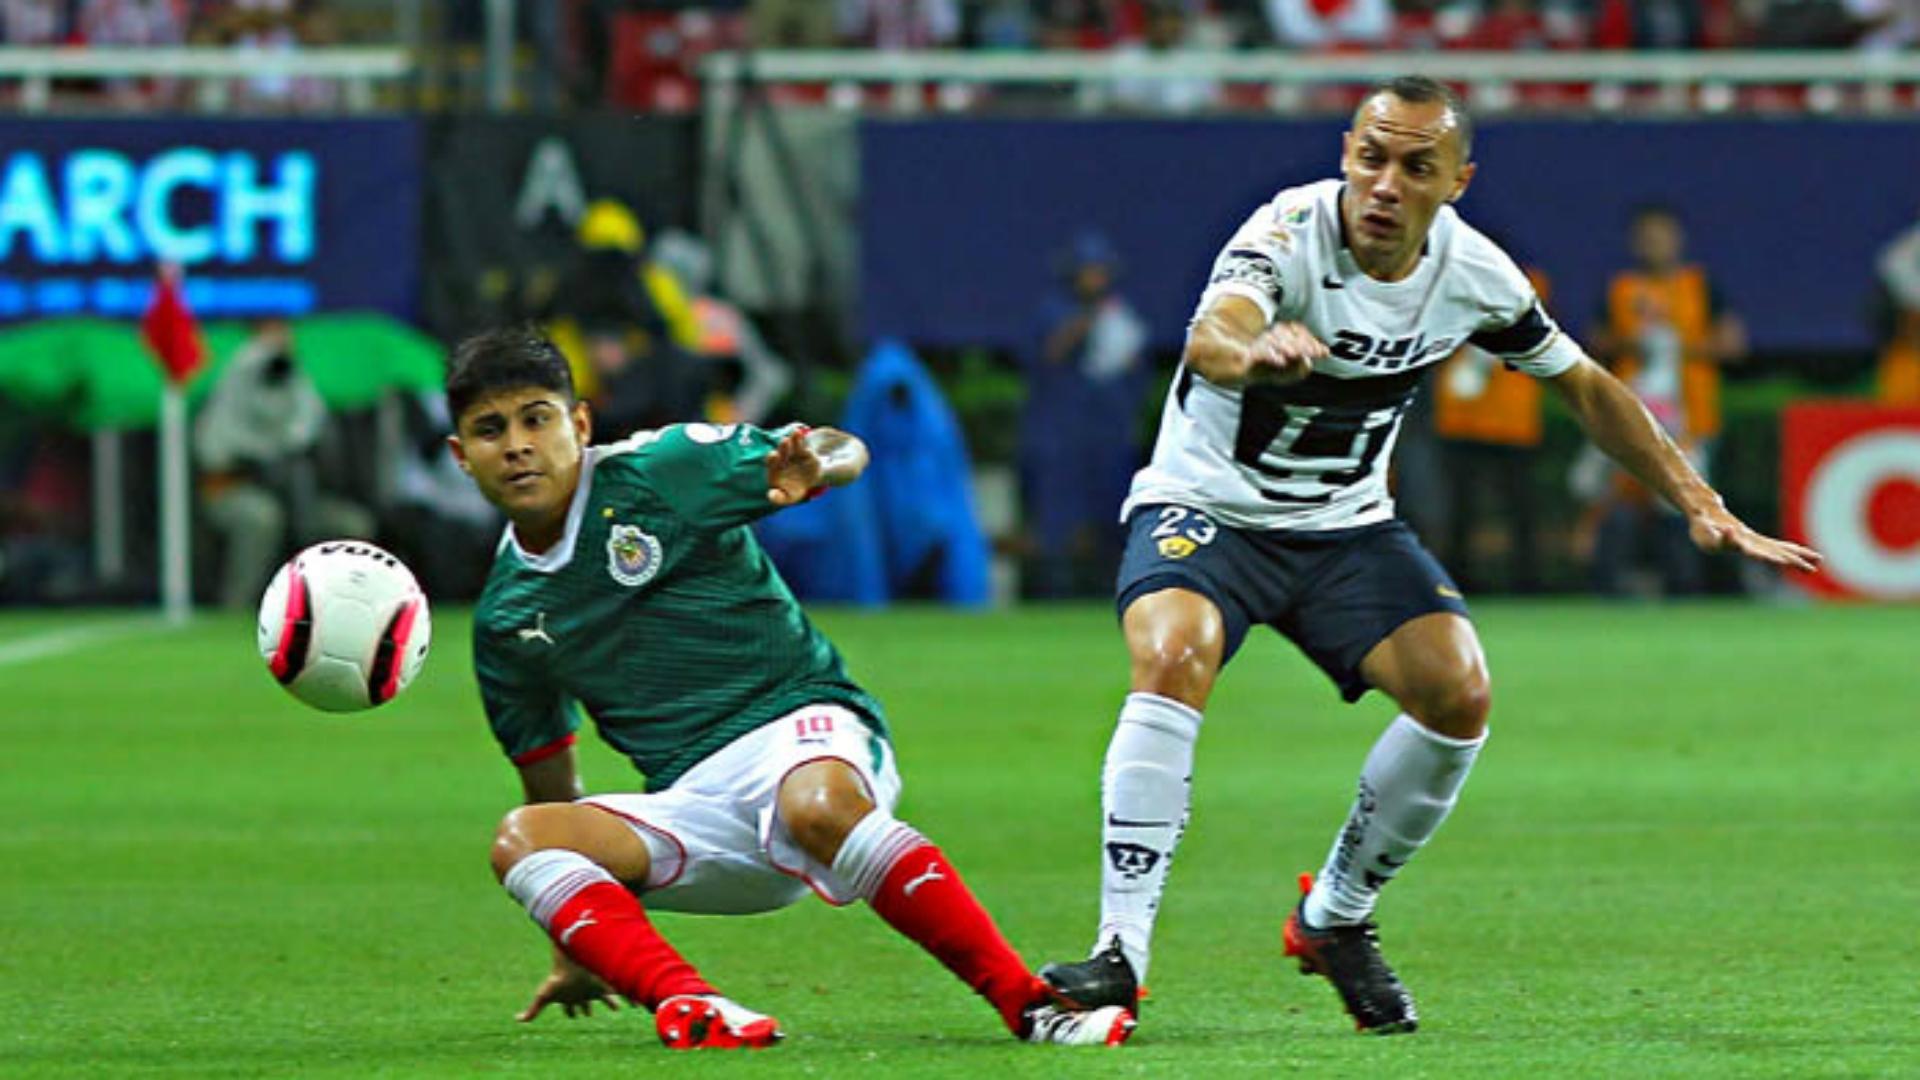 Chivas vs Pumas: formación, día, horario y transmisión   Goal.com